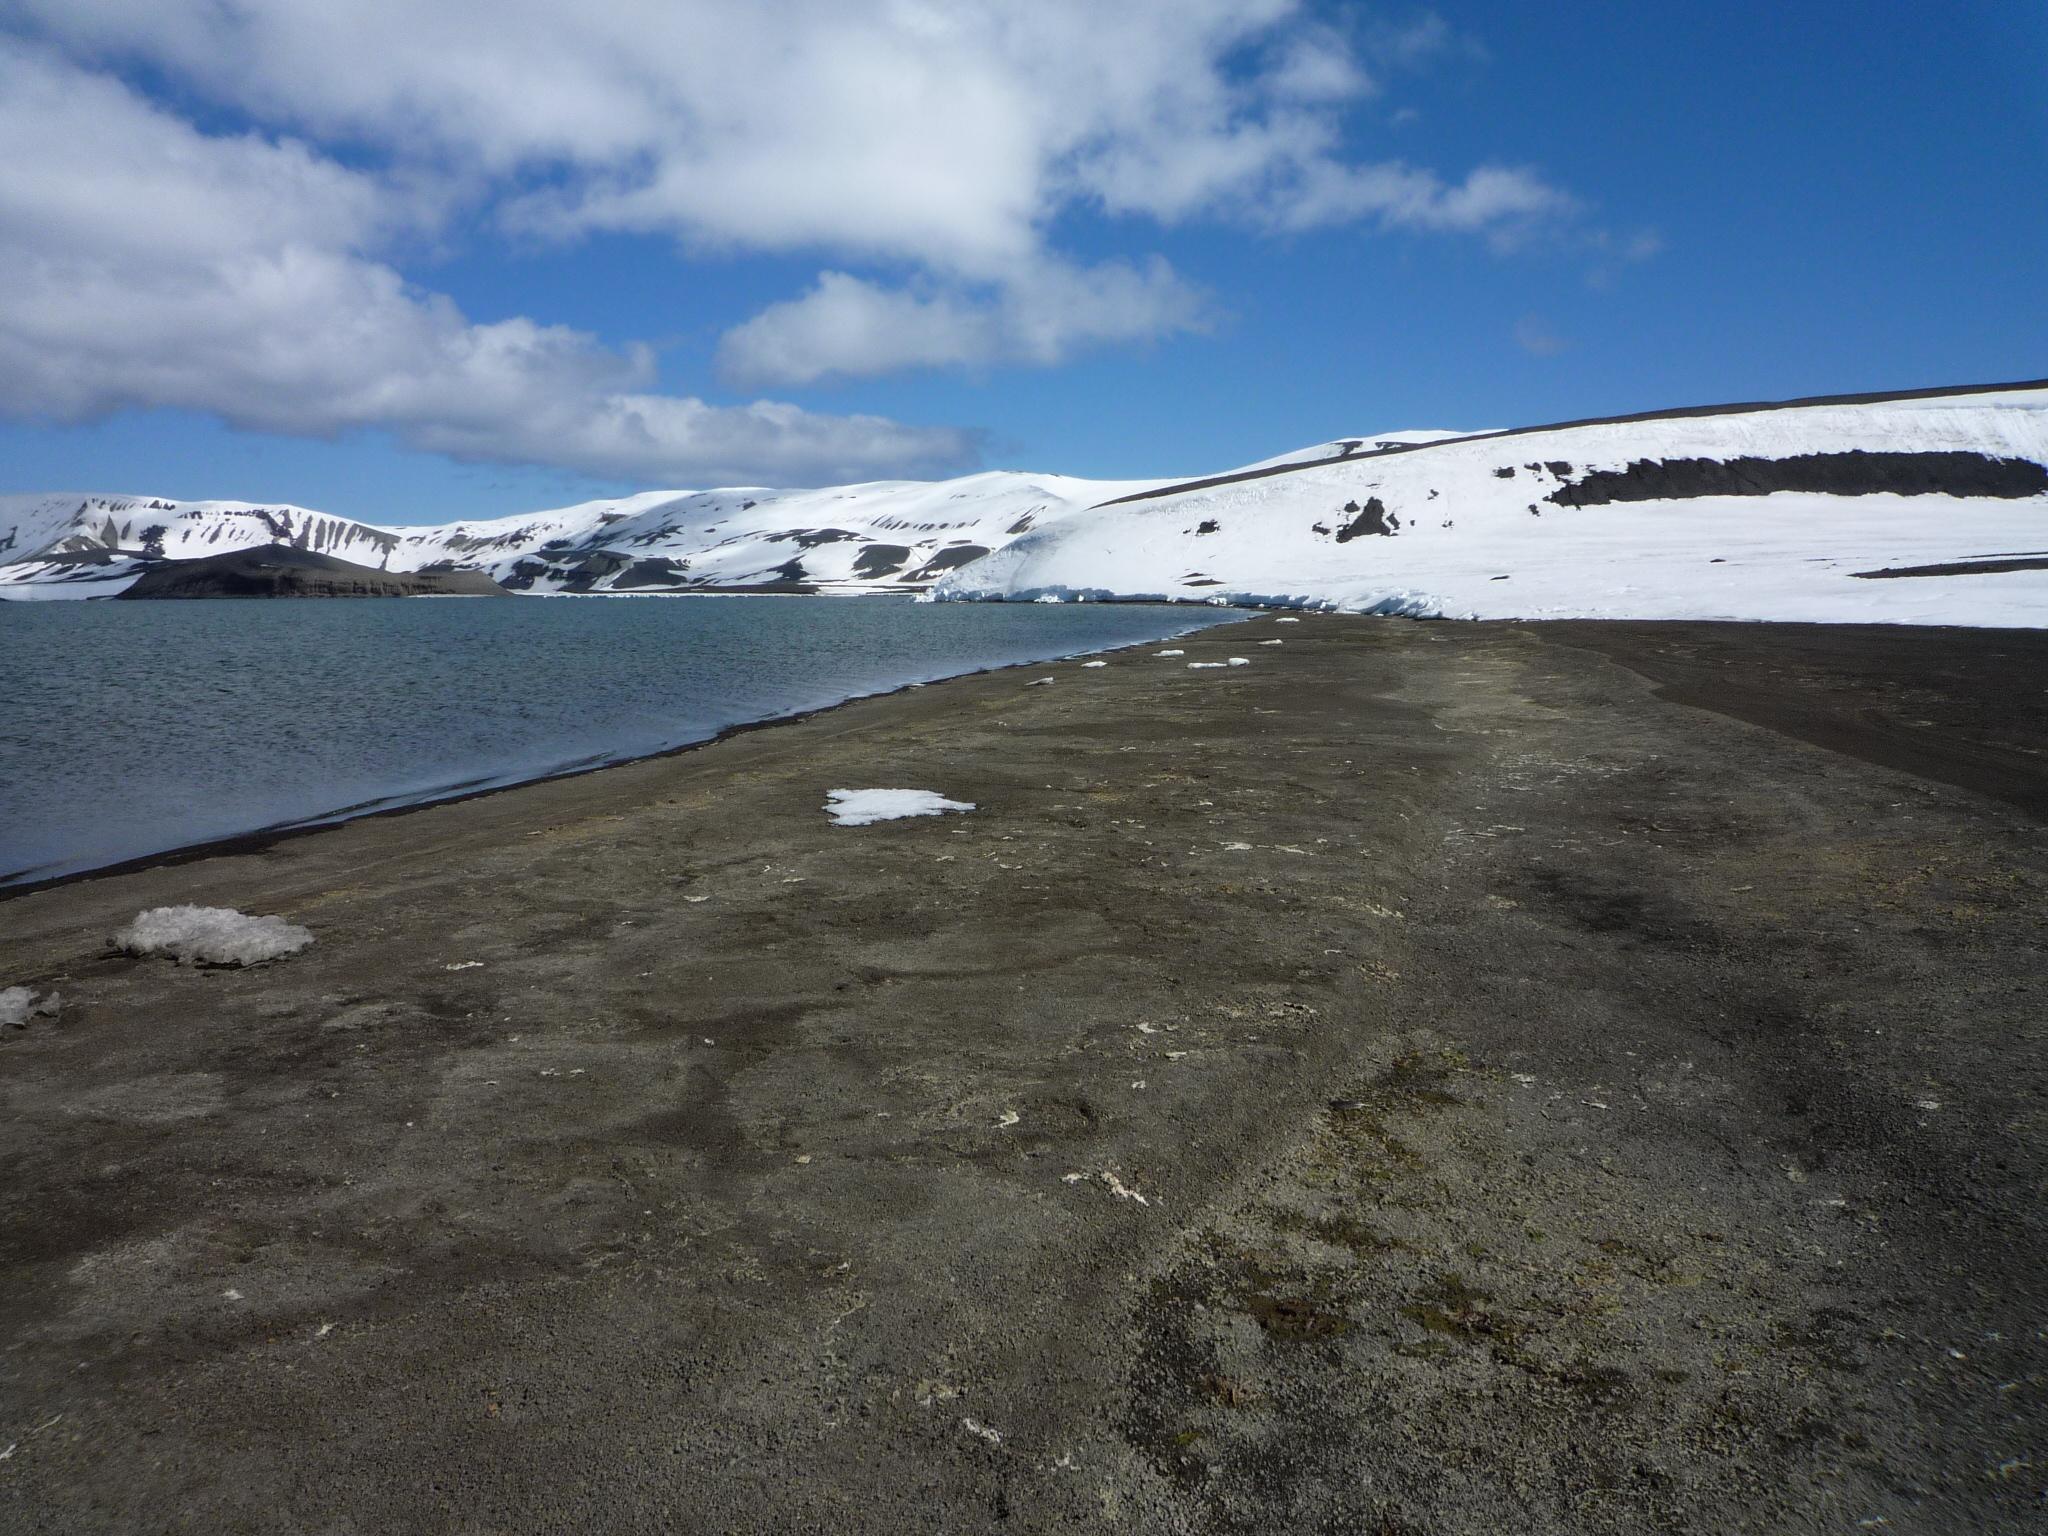 Zu sehen ist die Küste der Antarktis. Das Meer ist ruhig, der Himmel ist blau. Entlang der Küste erheben sich ein paar kleiner Hügel. Schnee und Eis sind zurückgegangen.